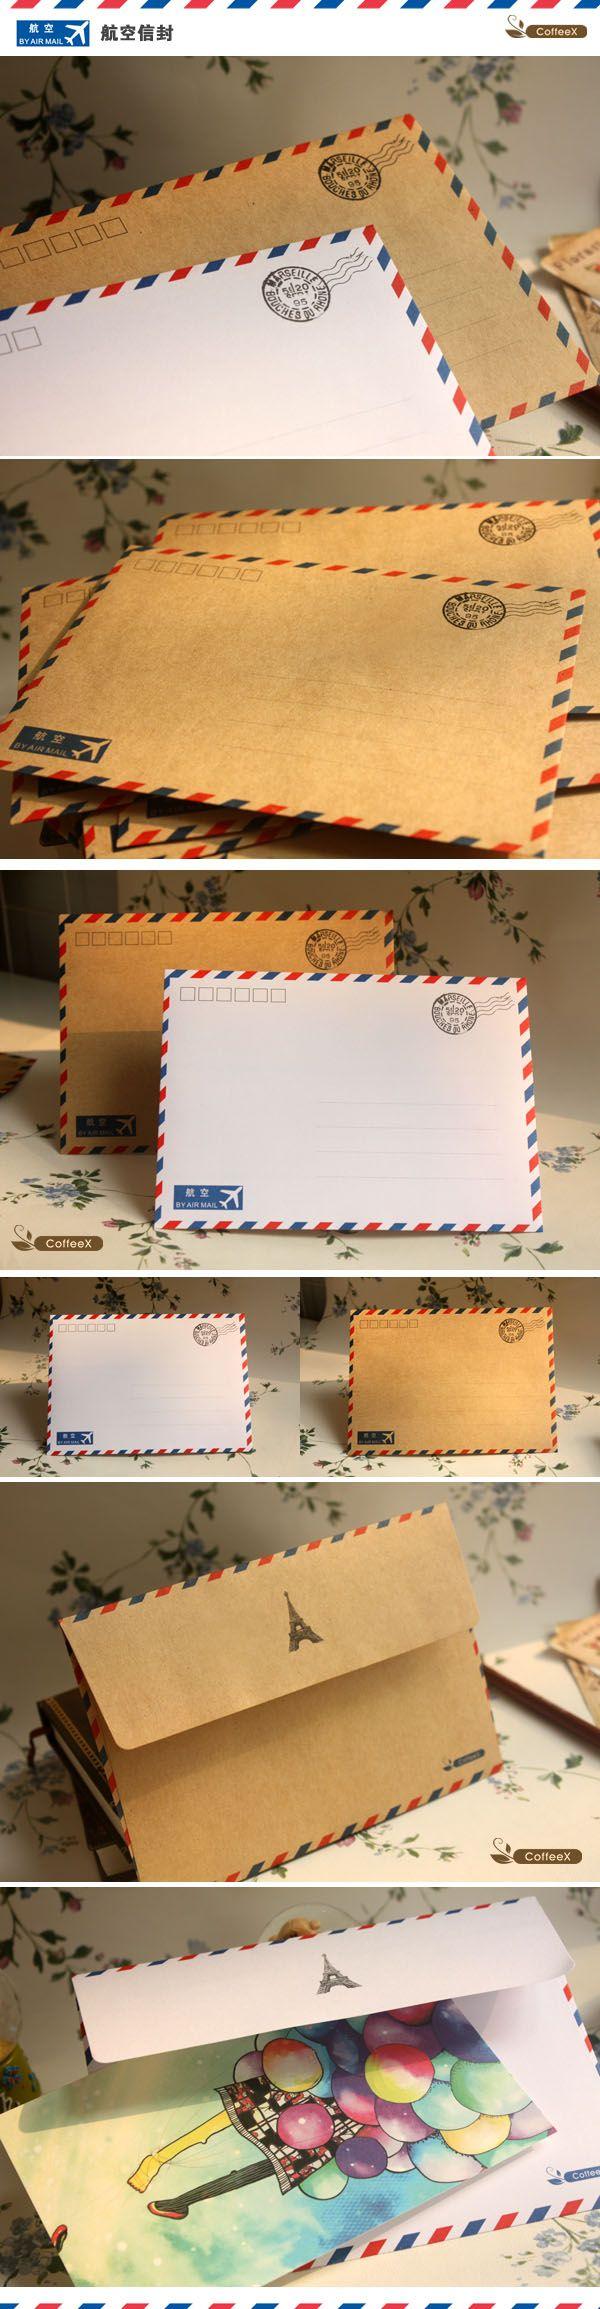 {} Авиапочта конверты Открытки защитной оболочки конверт конверты просто ZAKKA-Taobao